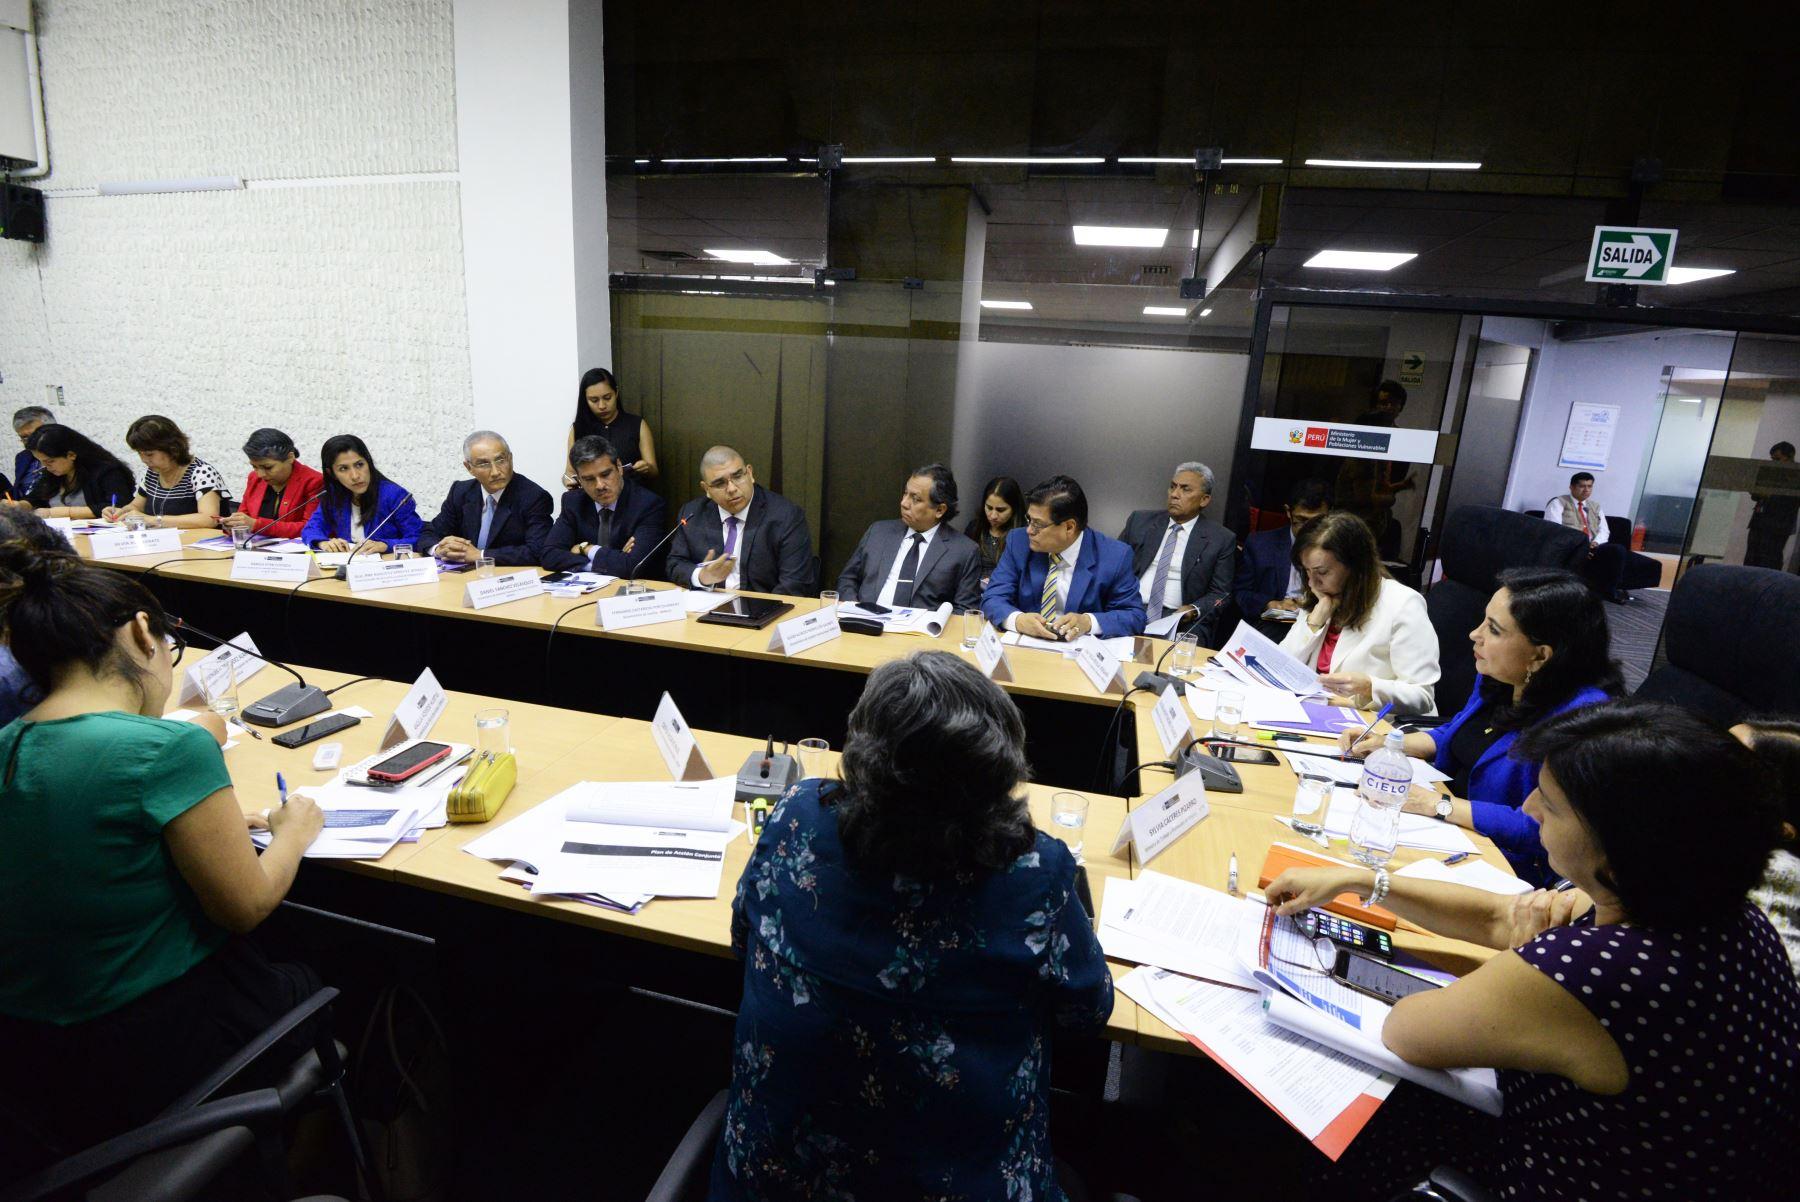 Primera sesión del año de La Comisión Multisectorial de Alto Nivel, presidida por la ministra del MIMP, respaldan las propuestas y acciones para un sistema de justicia con las mujeres que sufren de violencia. Foto: Cortesía Mimp